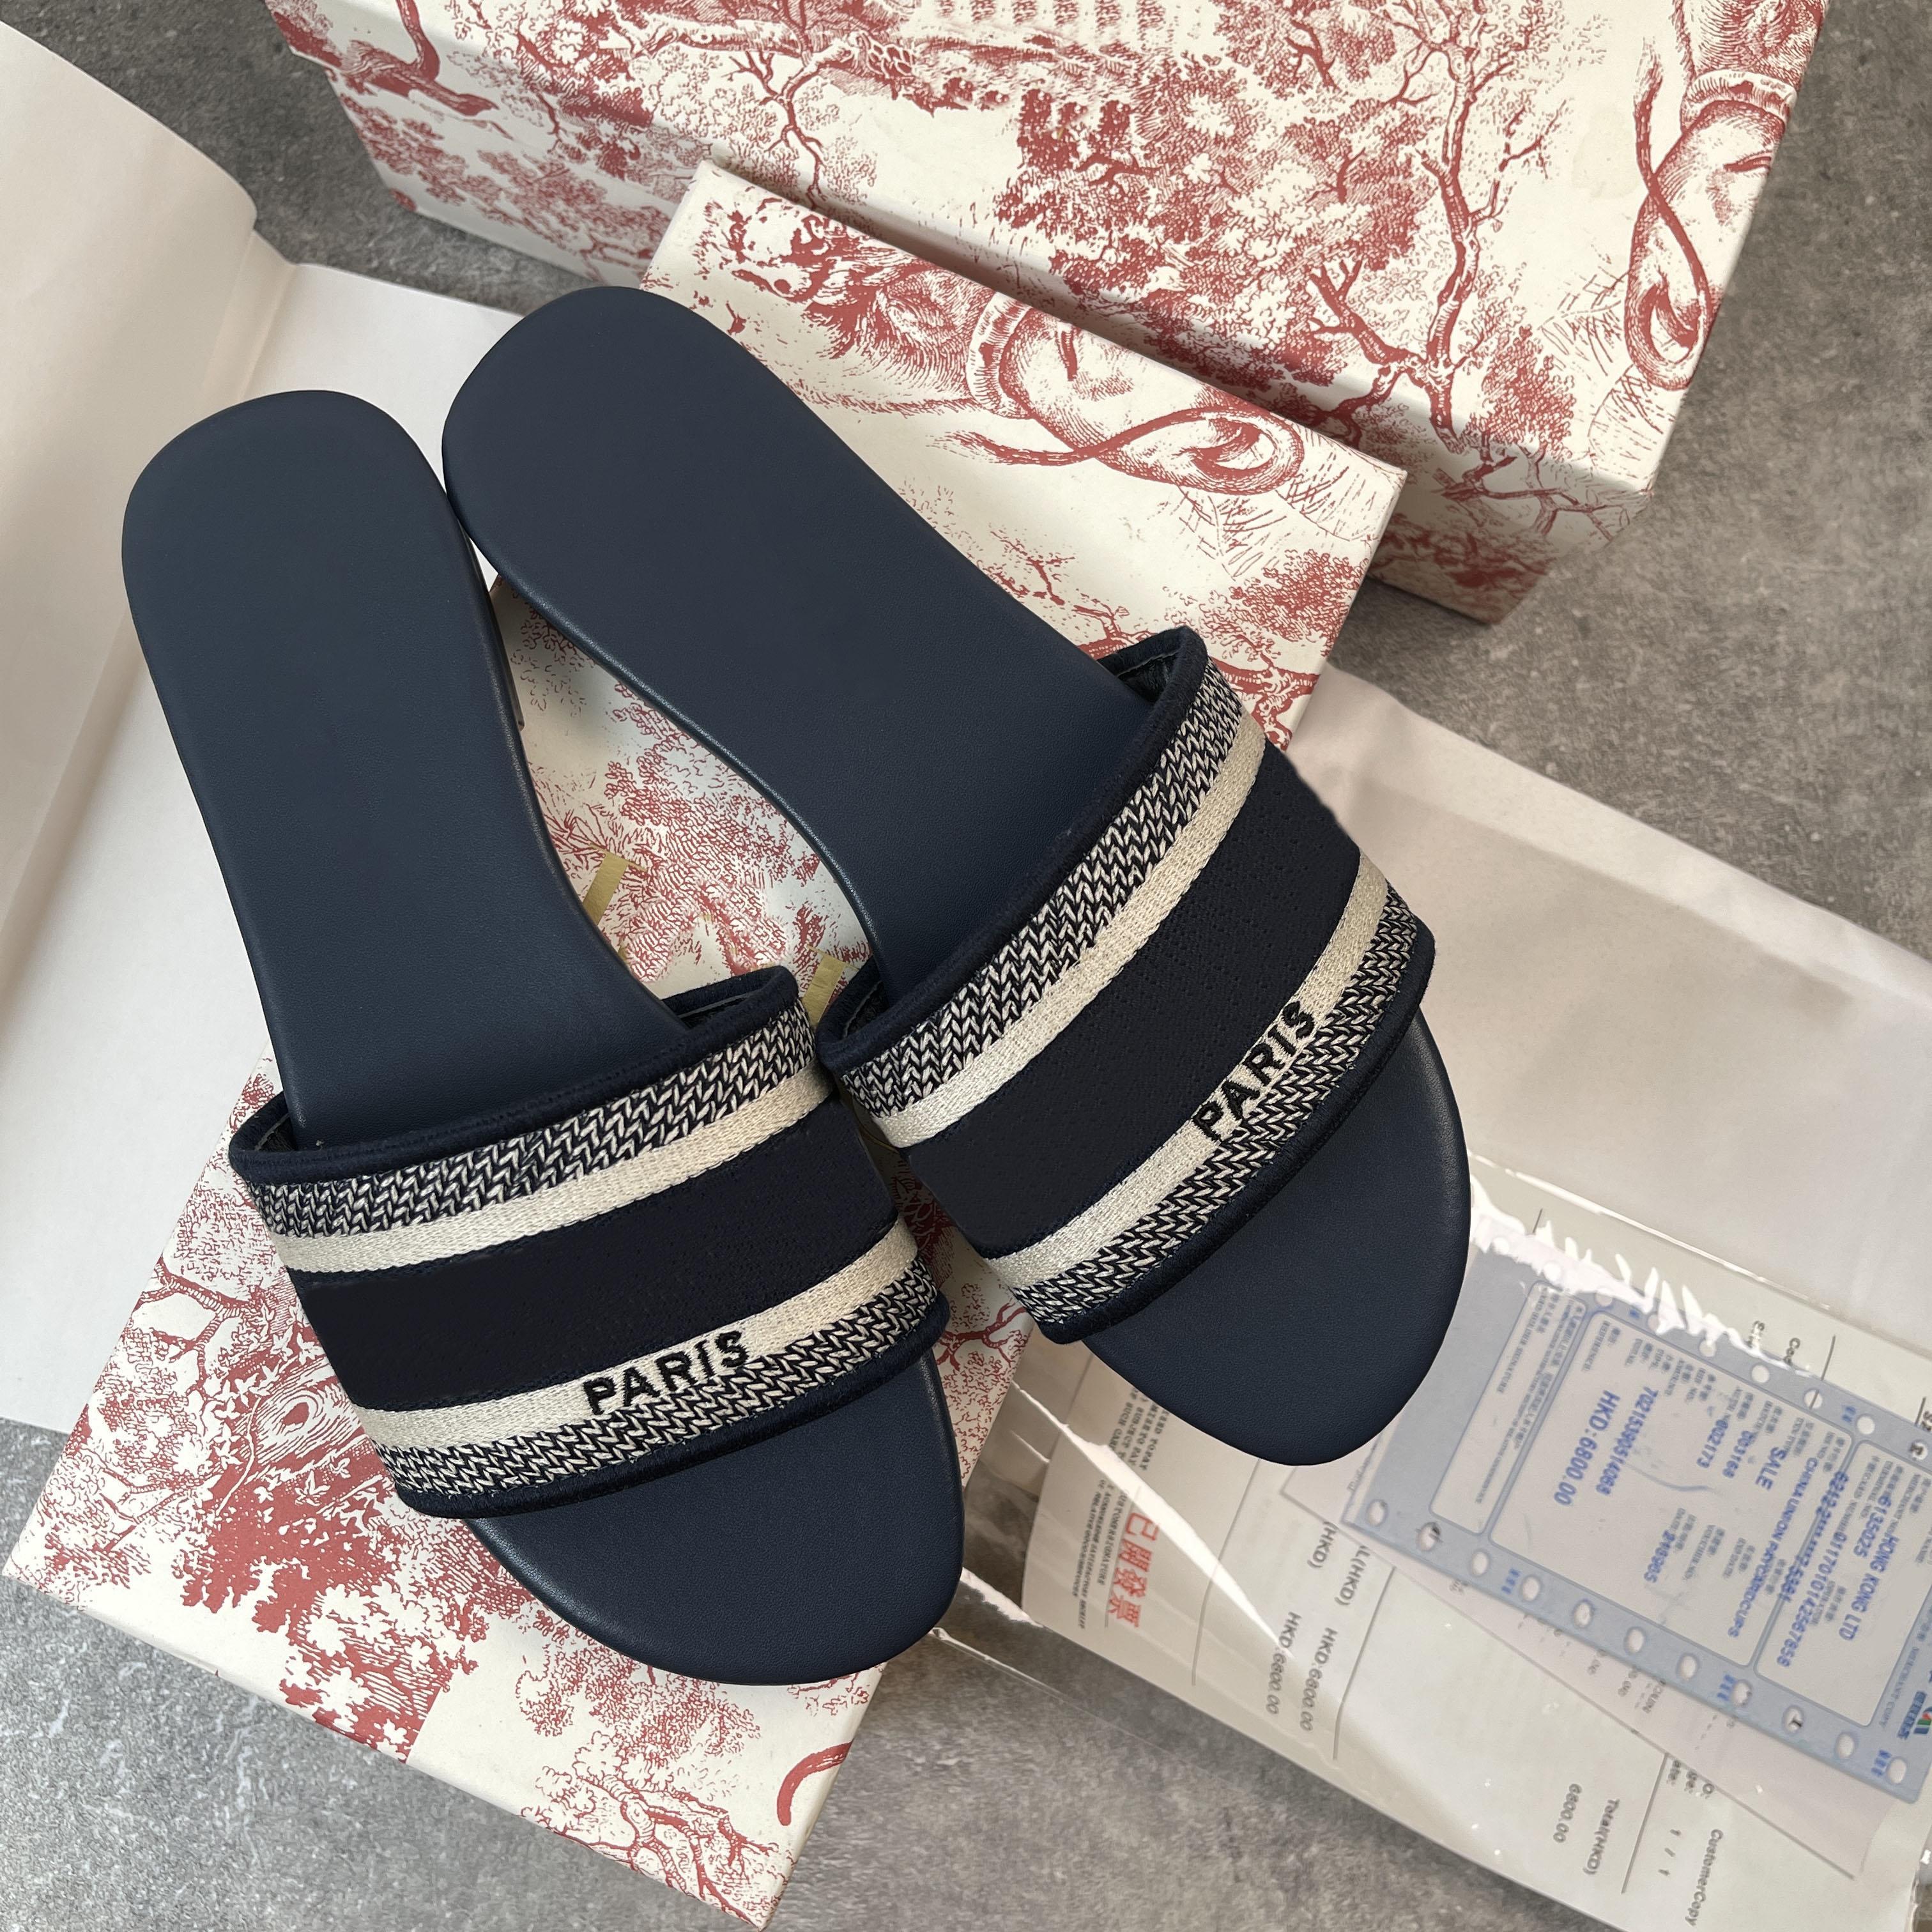 2021 Cuir de designer Femmes Sandales Summer Flat Slipper Fashion Beach Femme Grosse tête Rainbow Lettres Pantoufles avec Boxseize 35-42